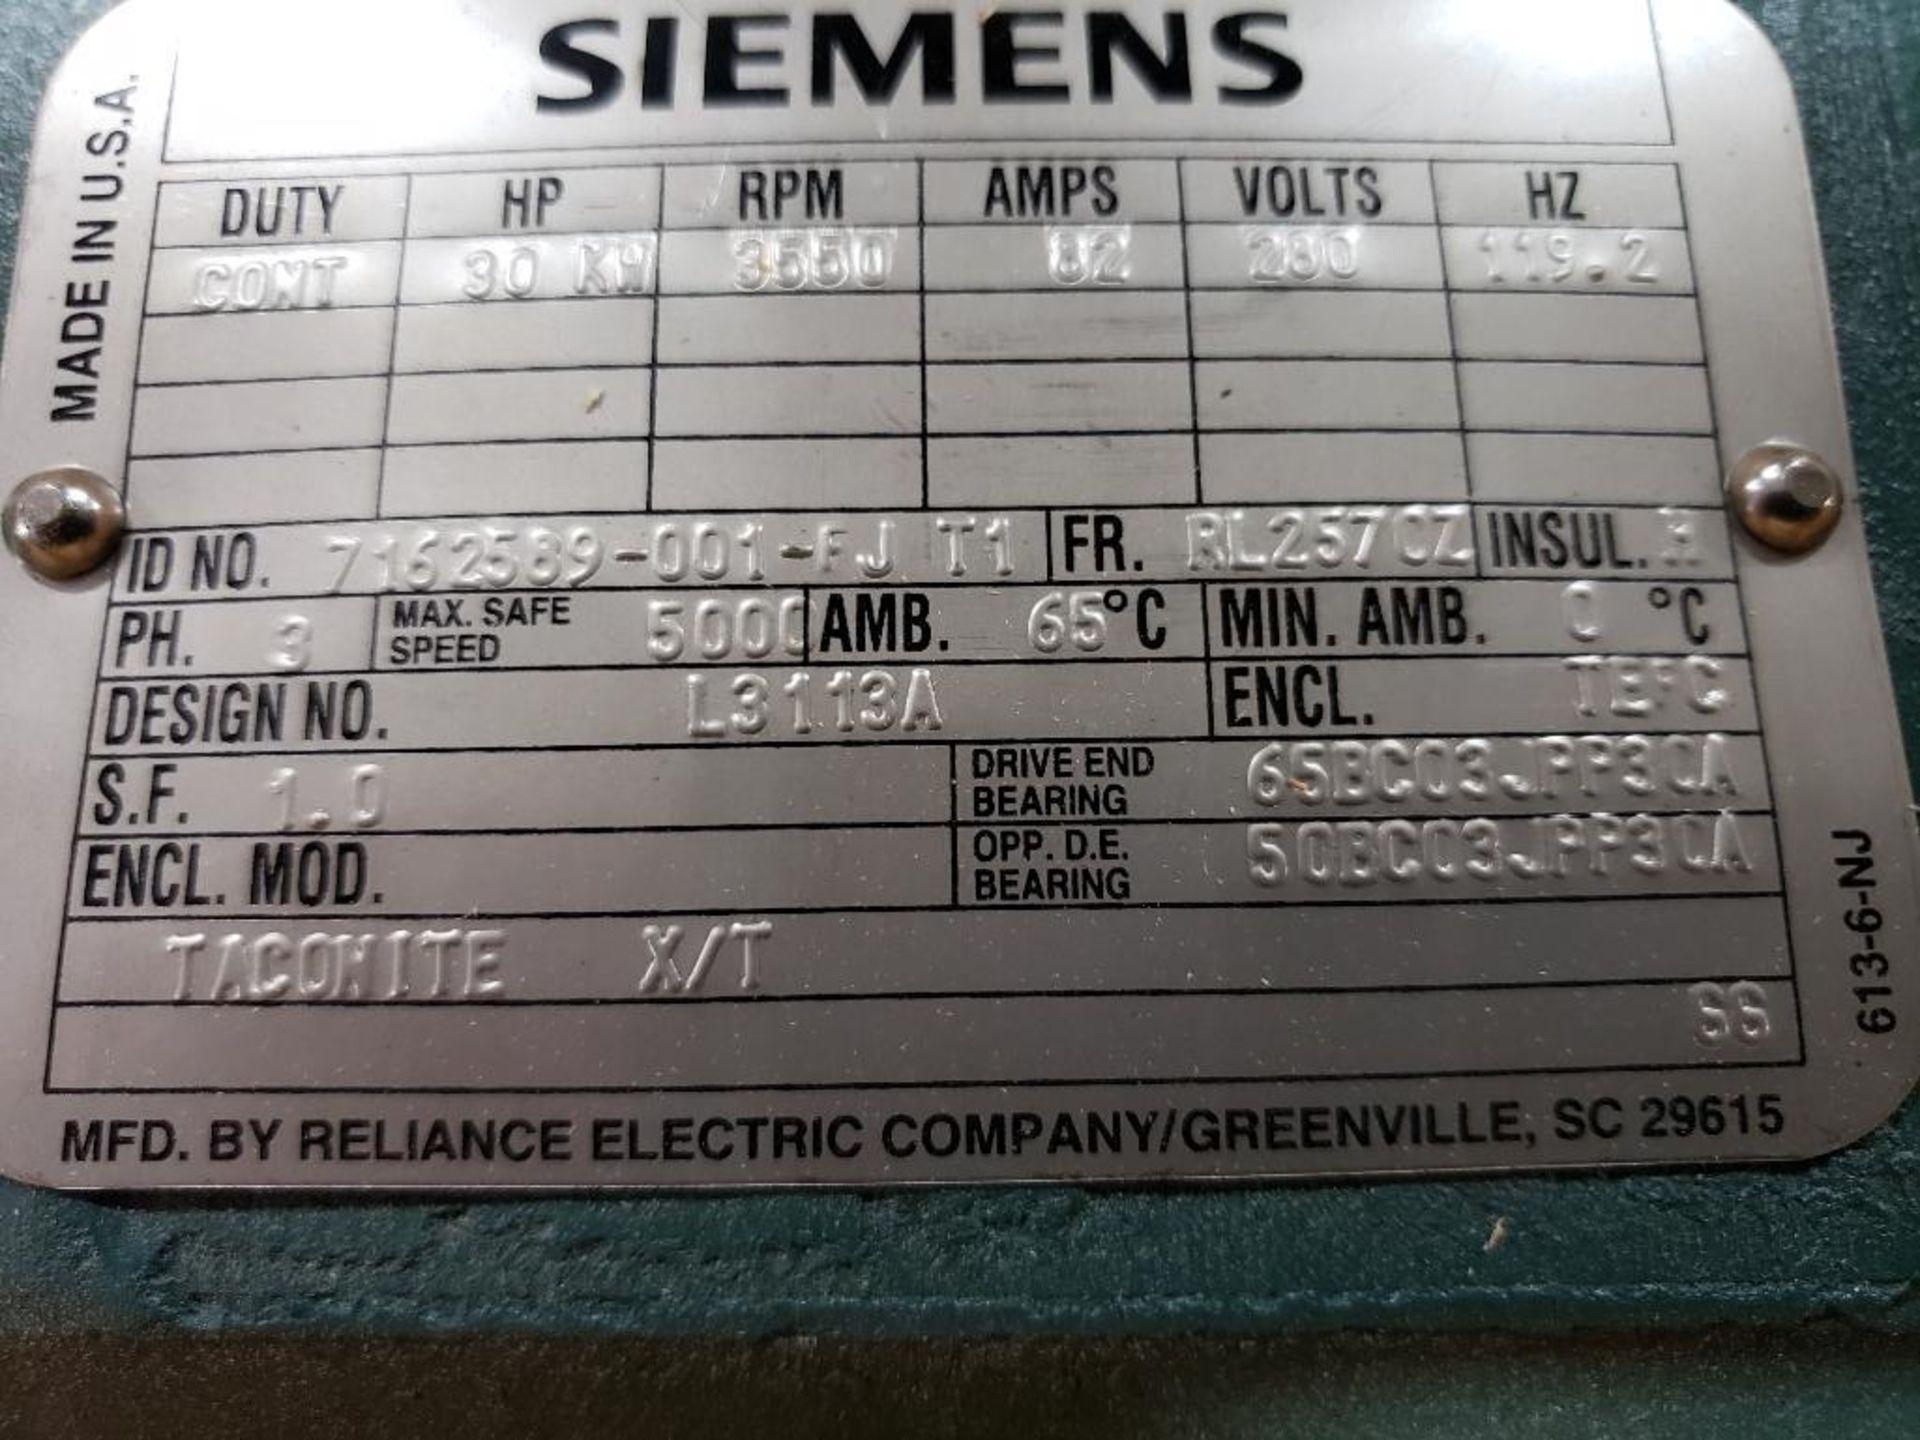 30kW Siemens 3PH Motor. 6986722-001-CJT3. 280V, 3550RM, RL2570Z-Frame. - Image 4 of 8